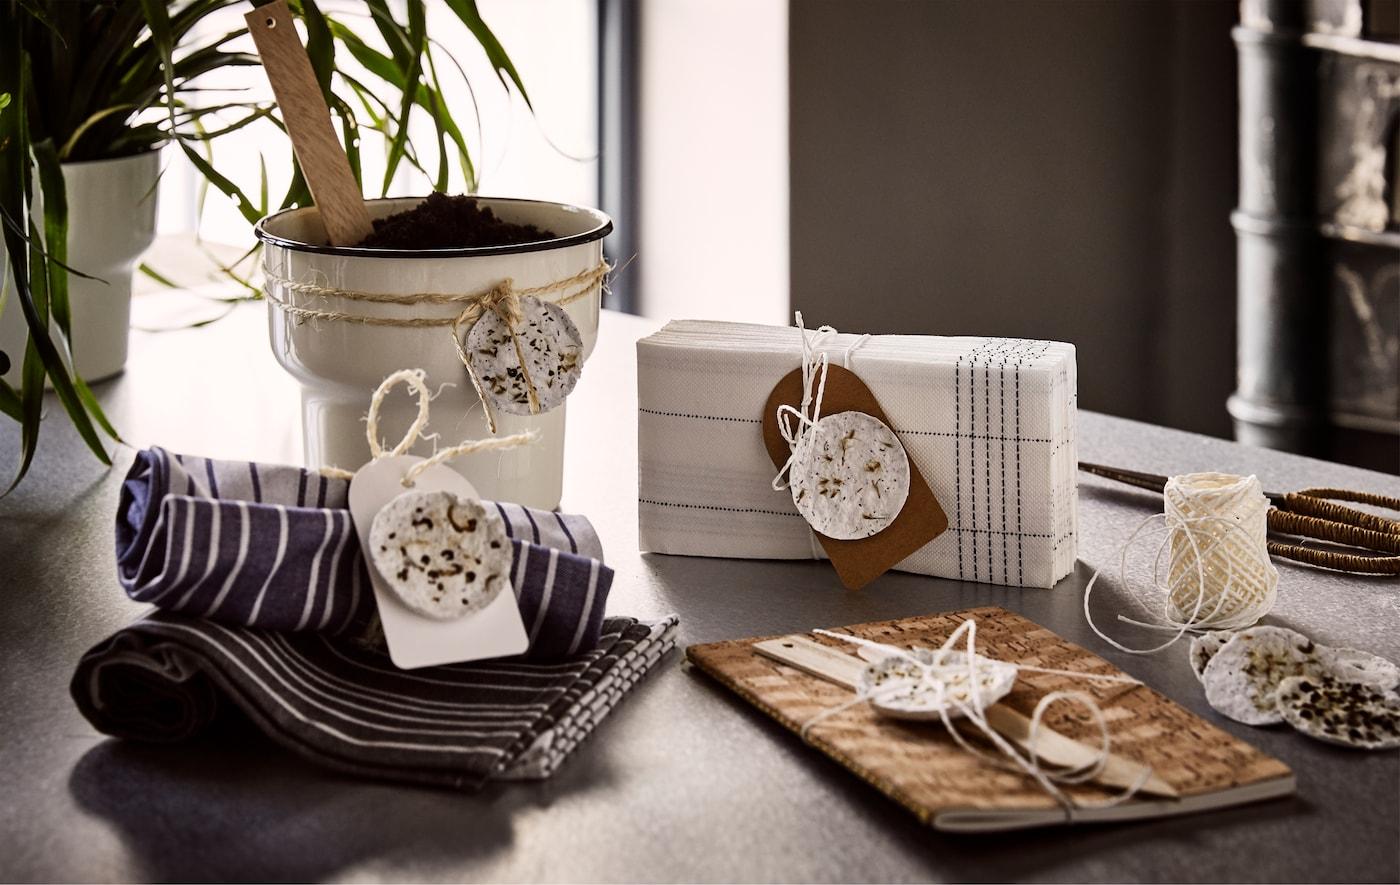 Un portavasi beige, un quaderno marrone, dei tovaglioli di tessuto e di carta decorati con dischetti di carta e semi legati con dello spago - IKEA